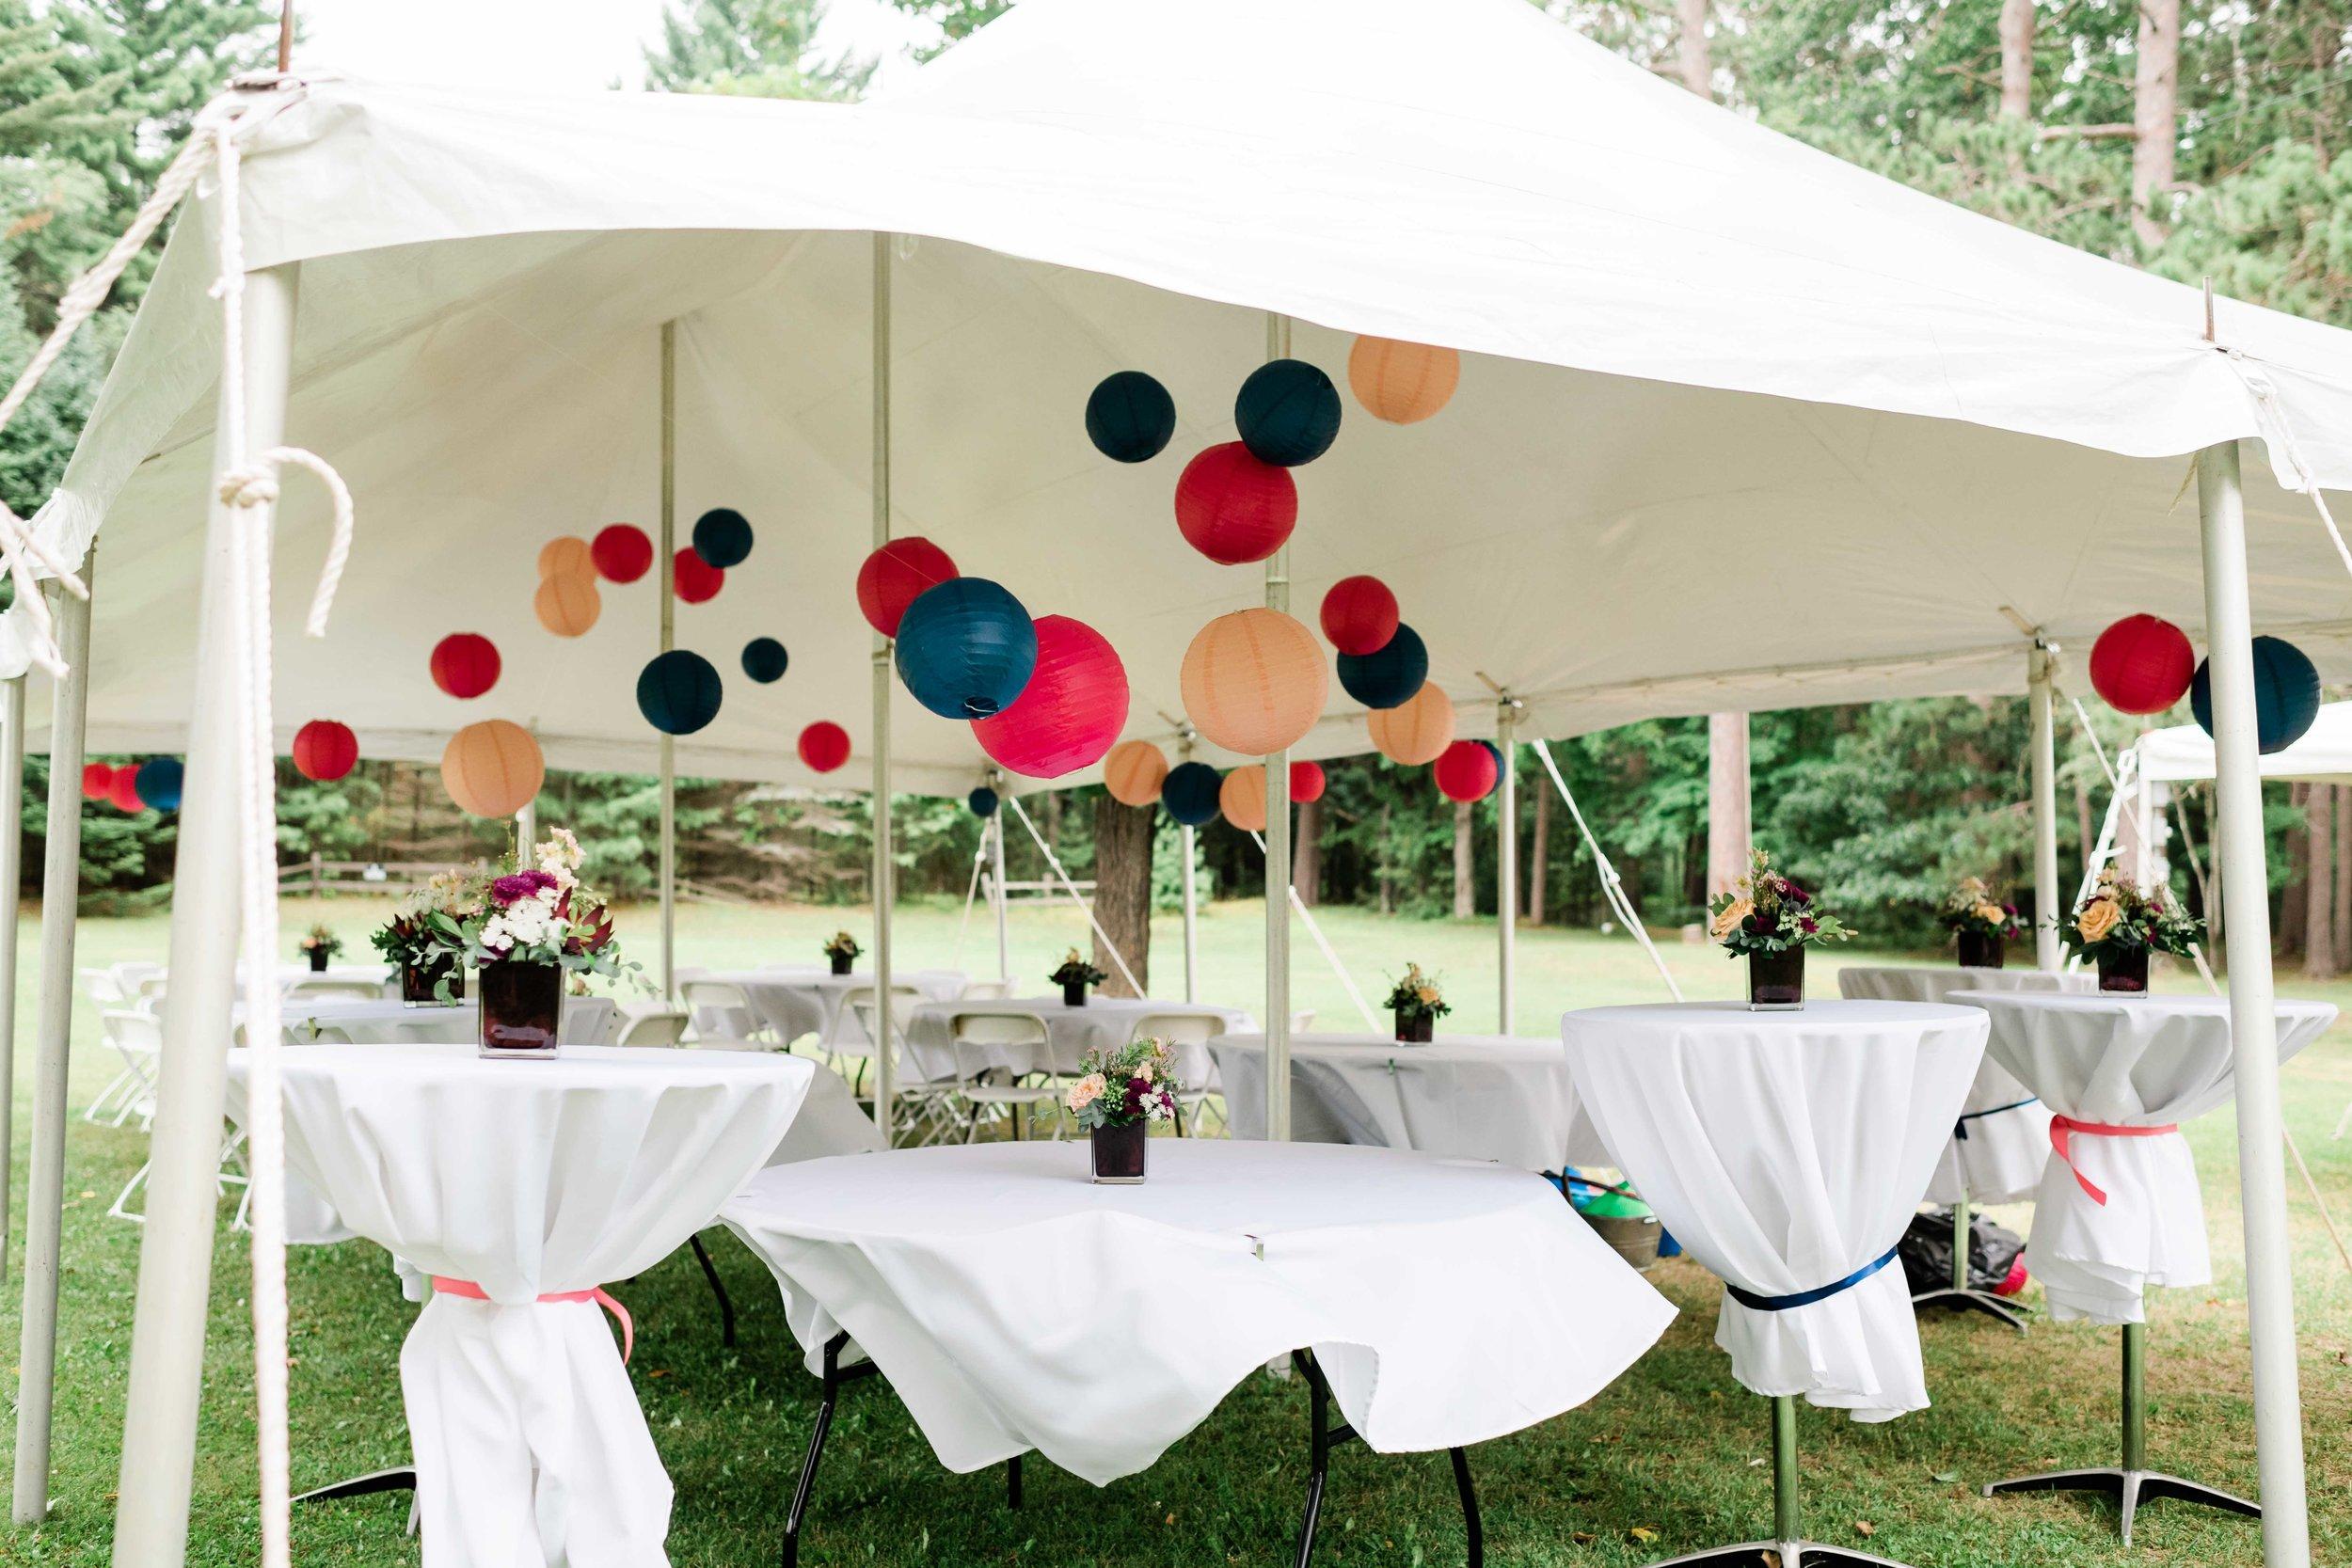 Colorful reception decor